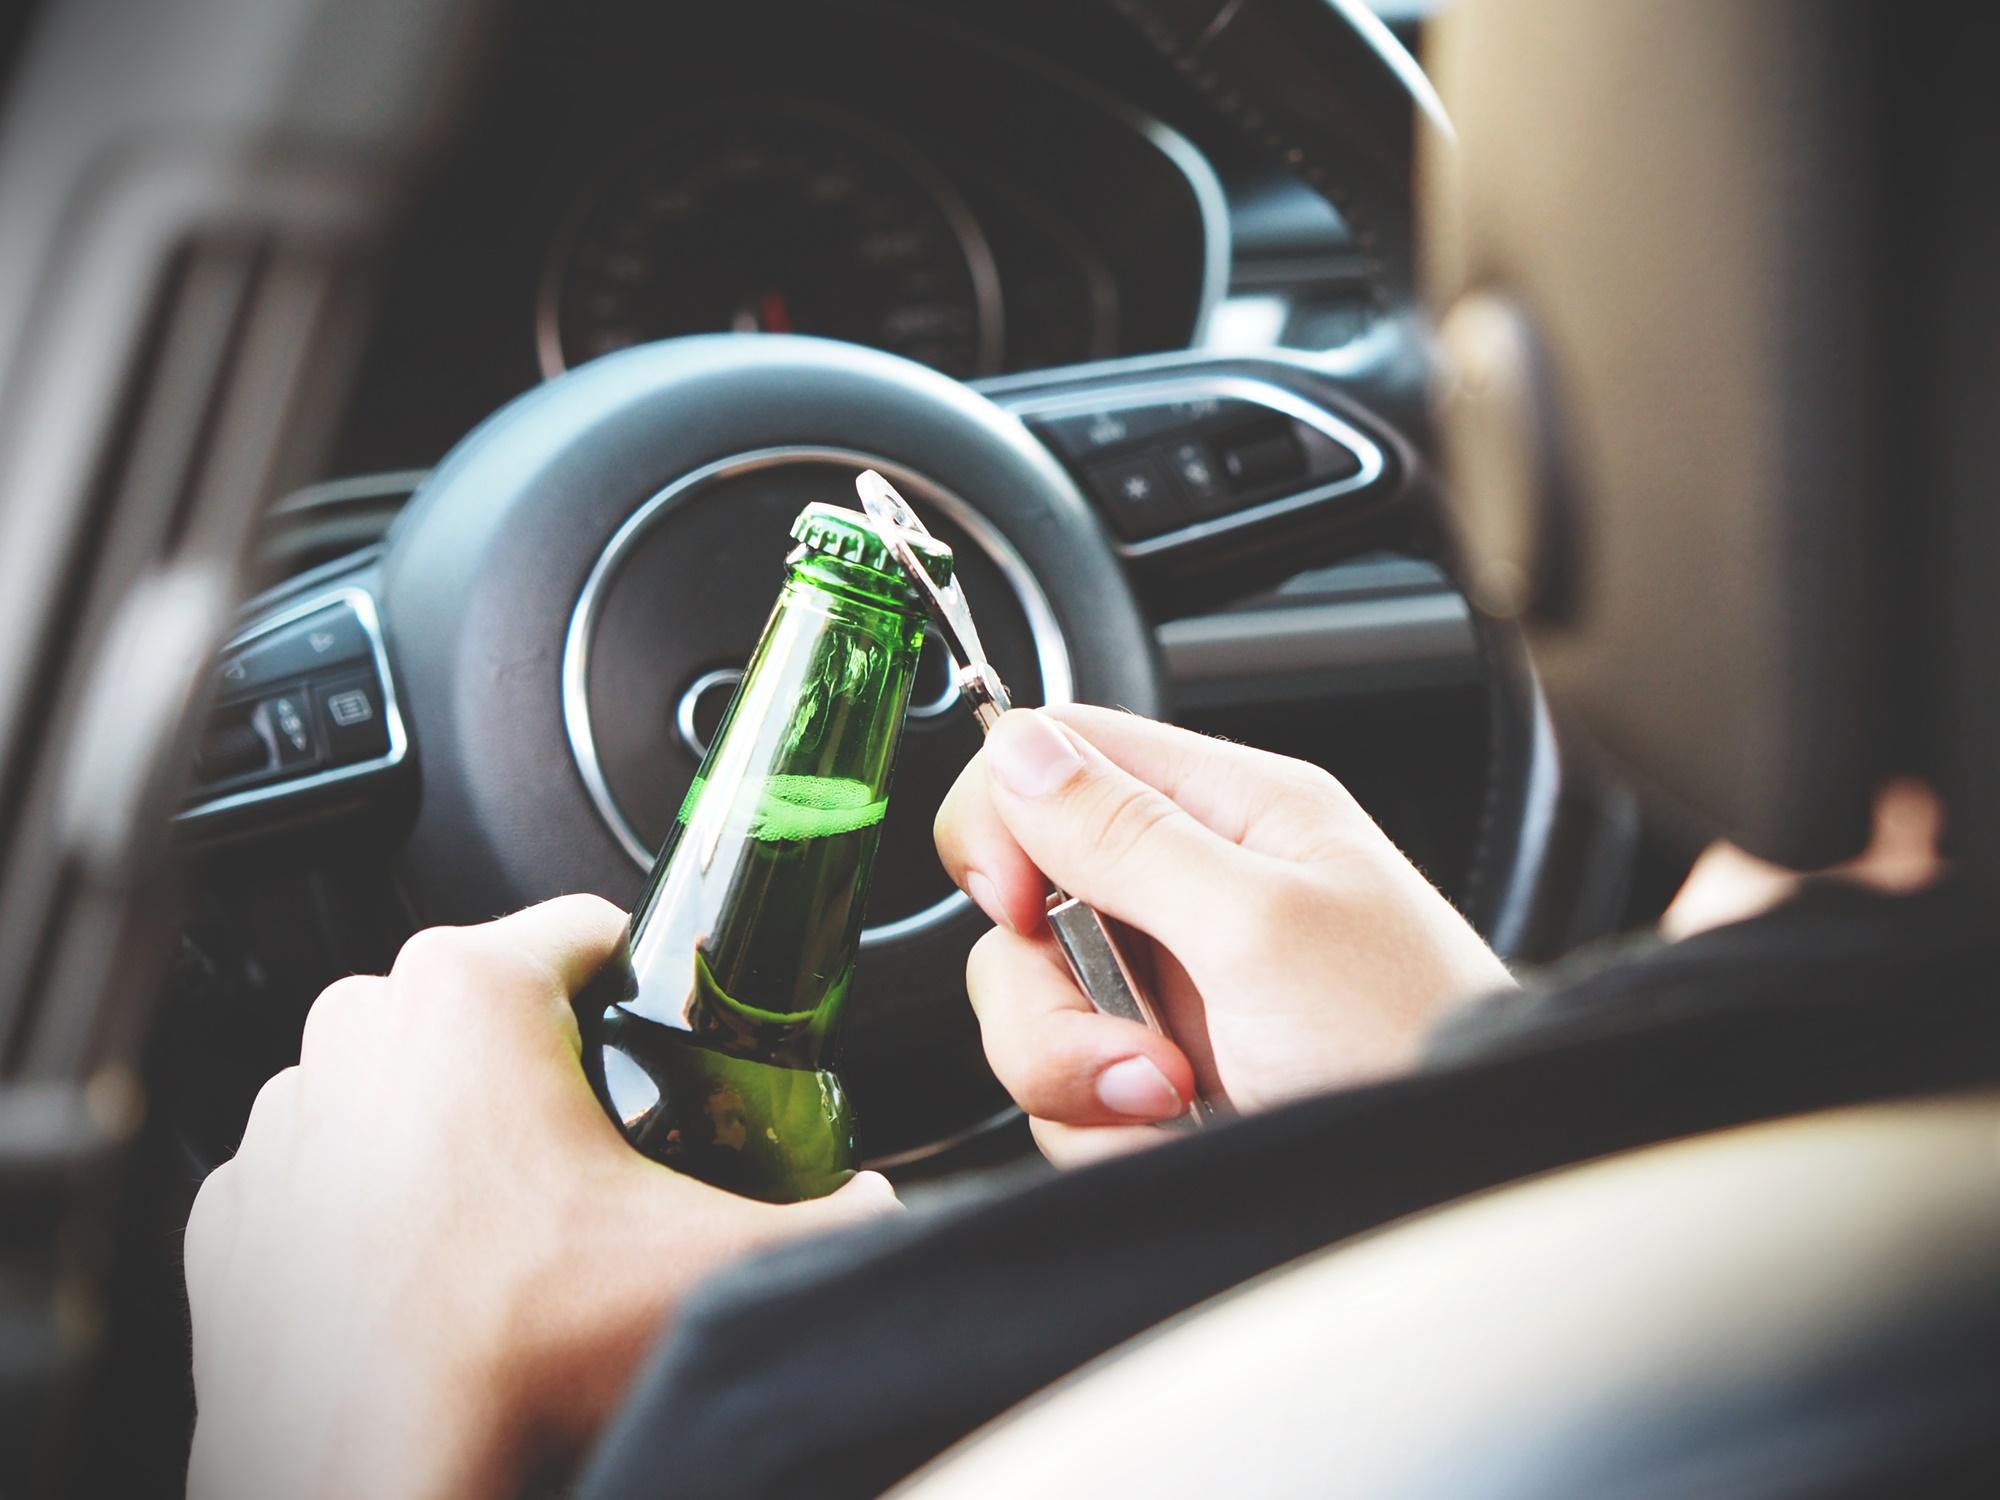 """Imagem de Órgão afirma que """"dirigir"""" bêbado será uma possibilidade com autônomos no tecmundo"""